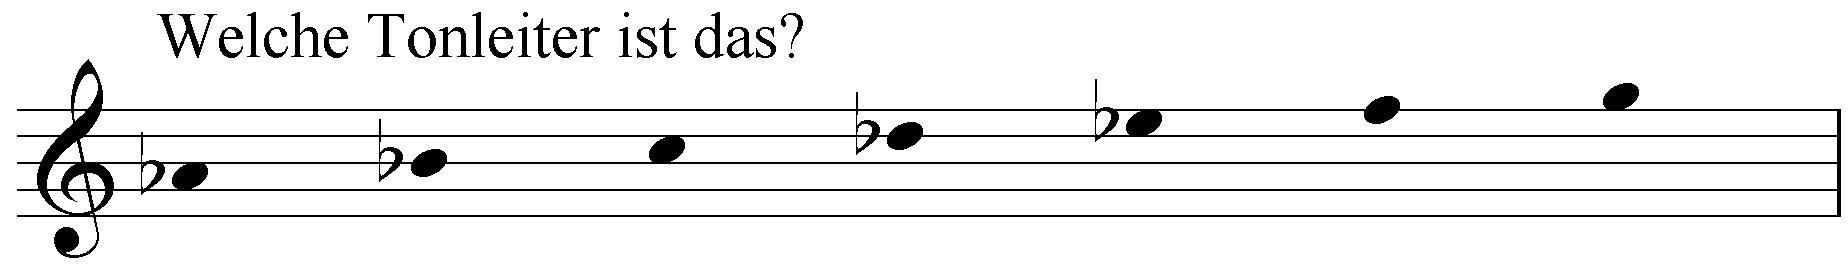 Welche Tonleiter ist das: as b c des es f g?